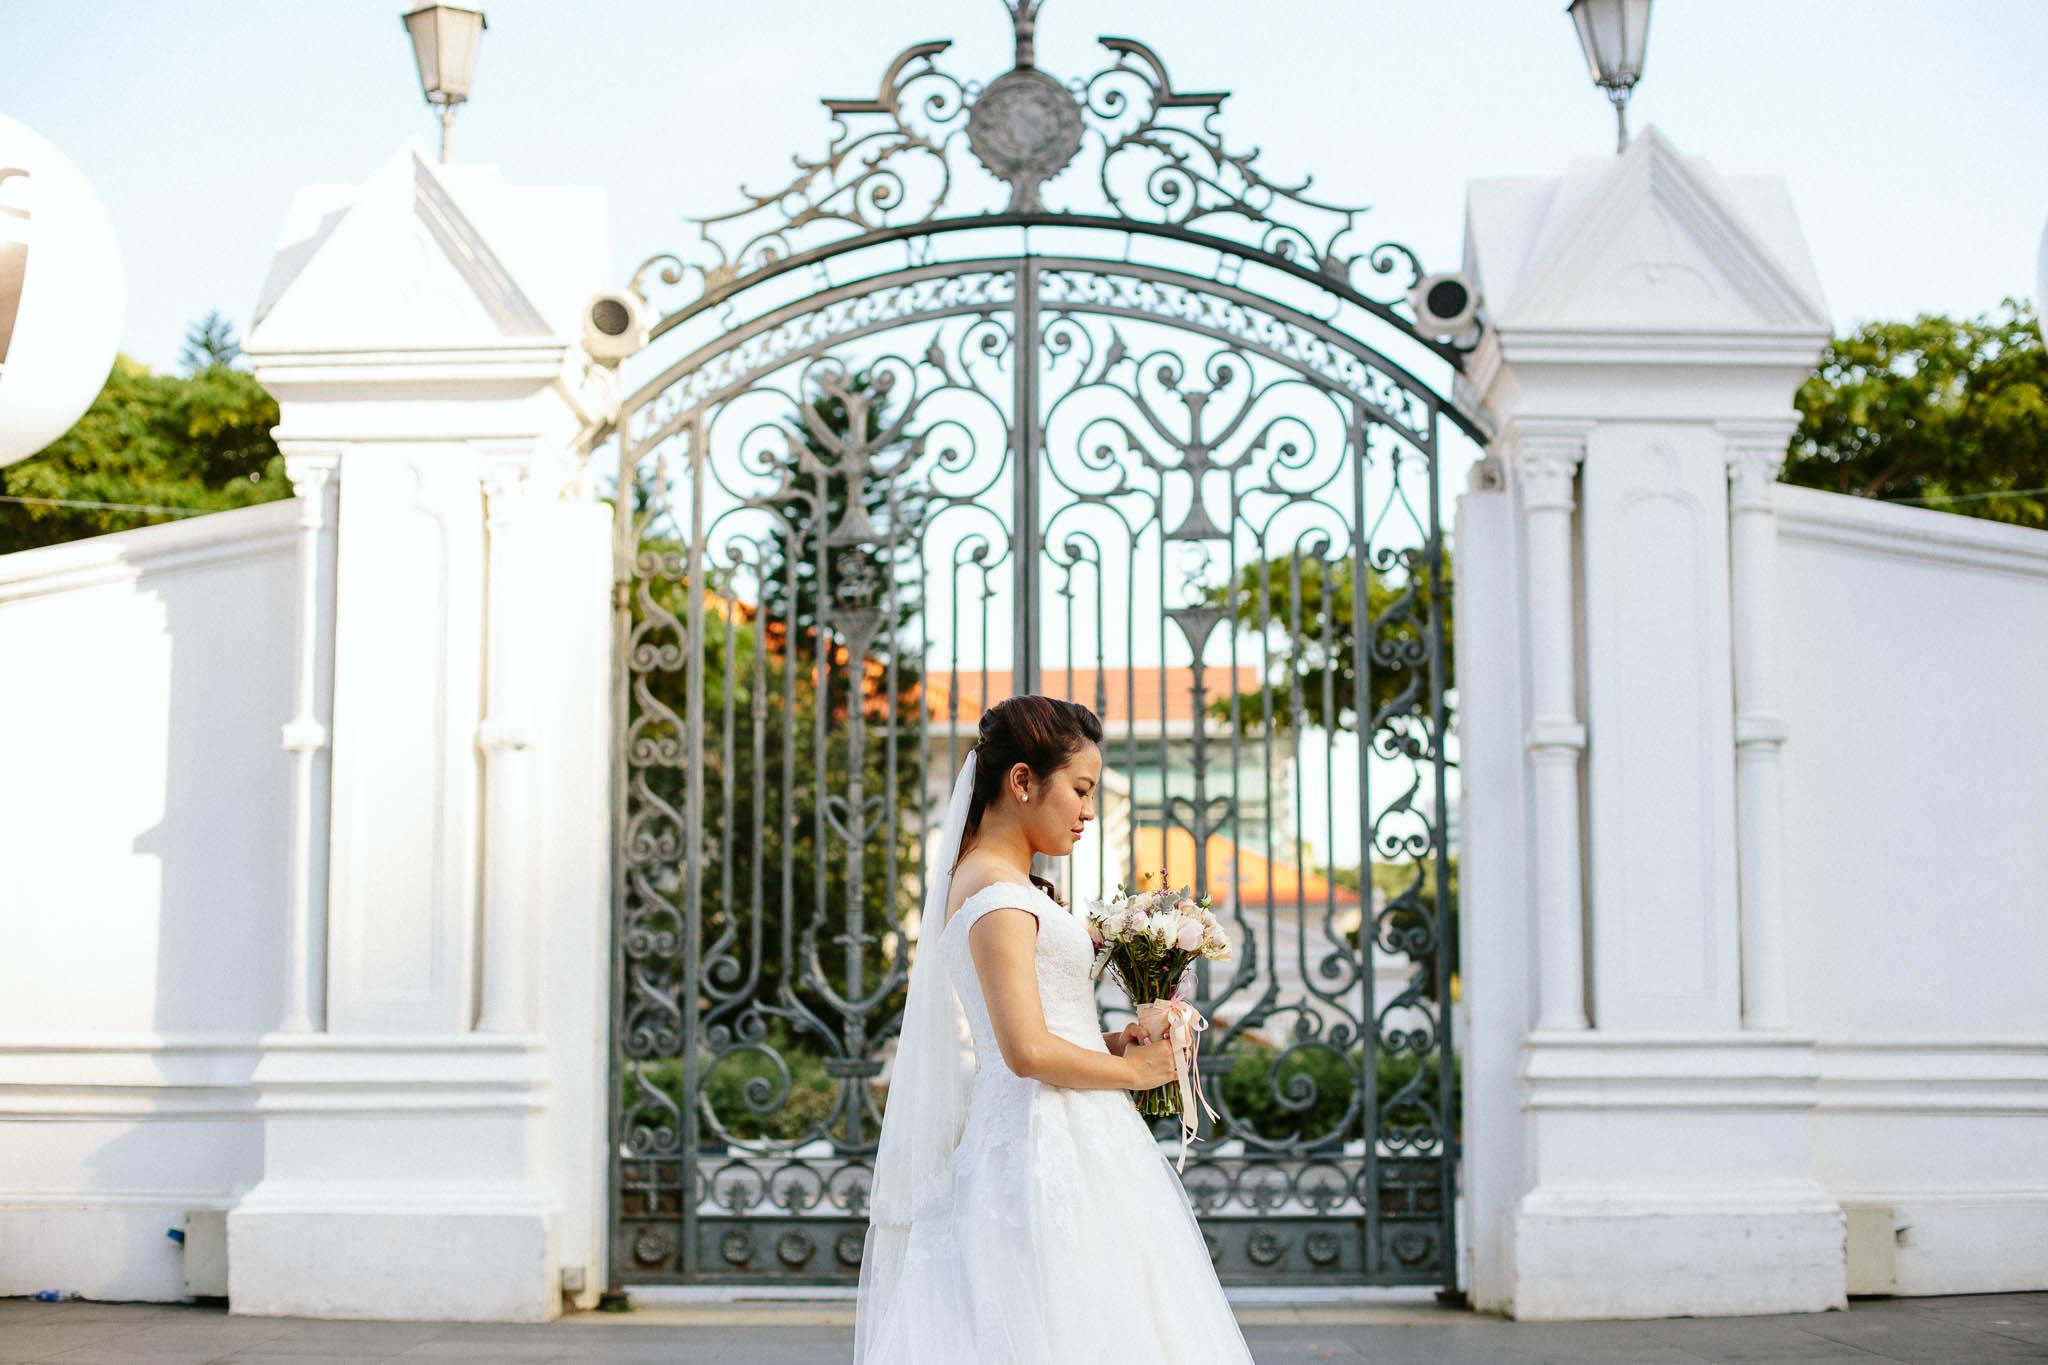 singapore-wedding-photographer-zhongwei-shihui-025.jpg